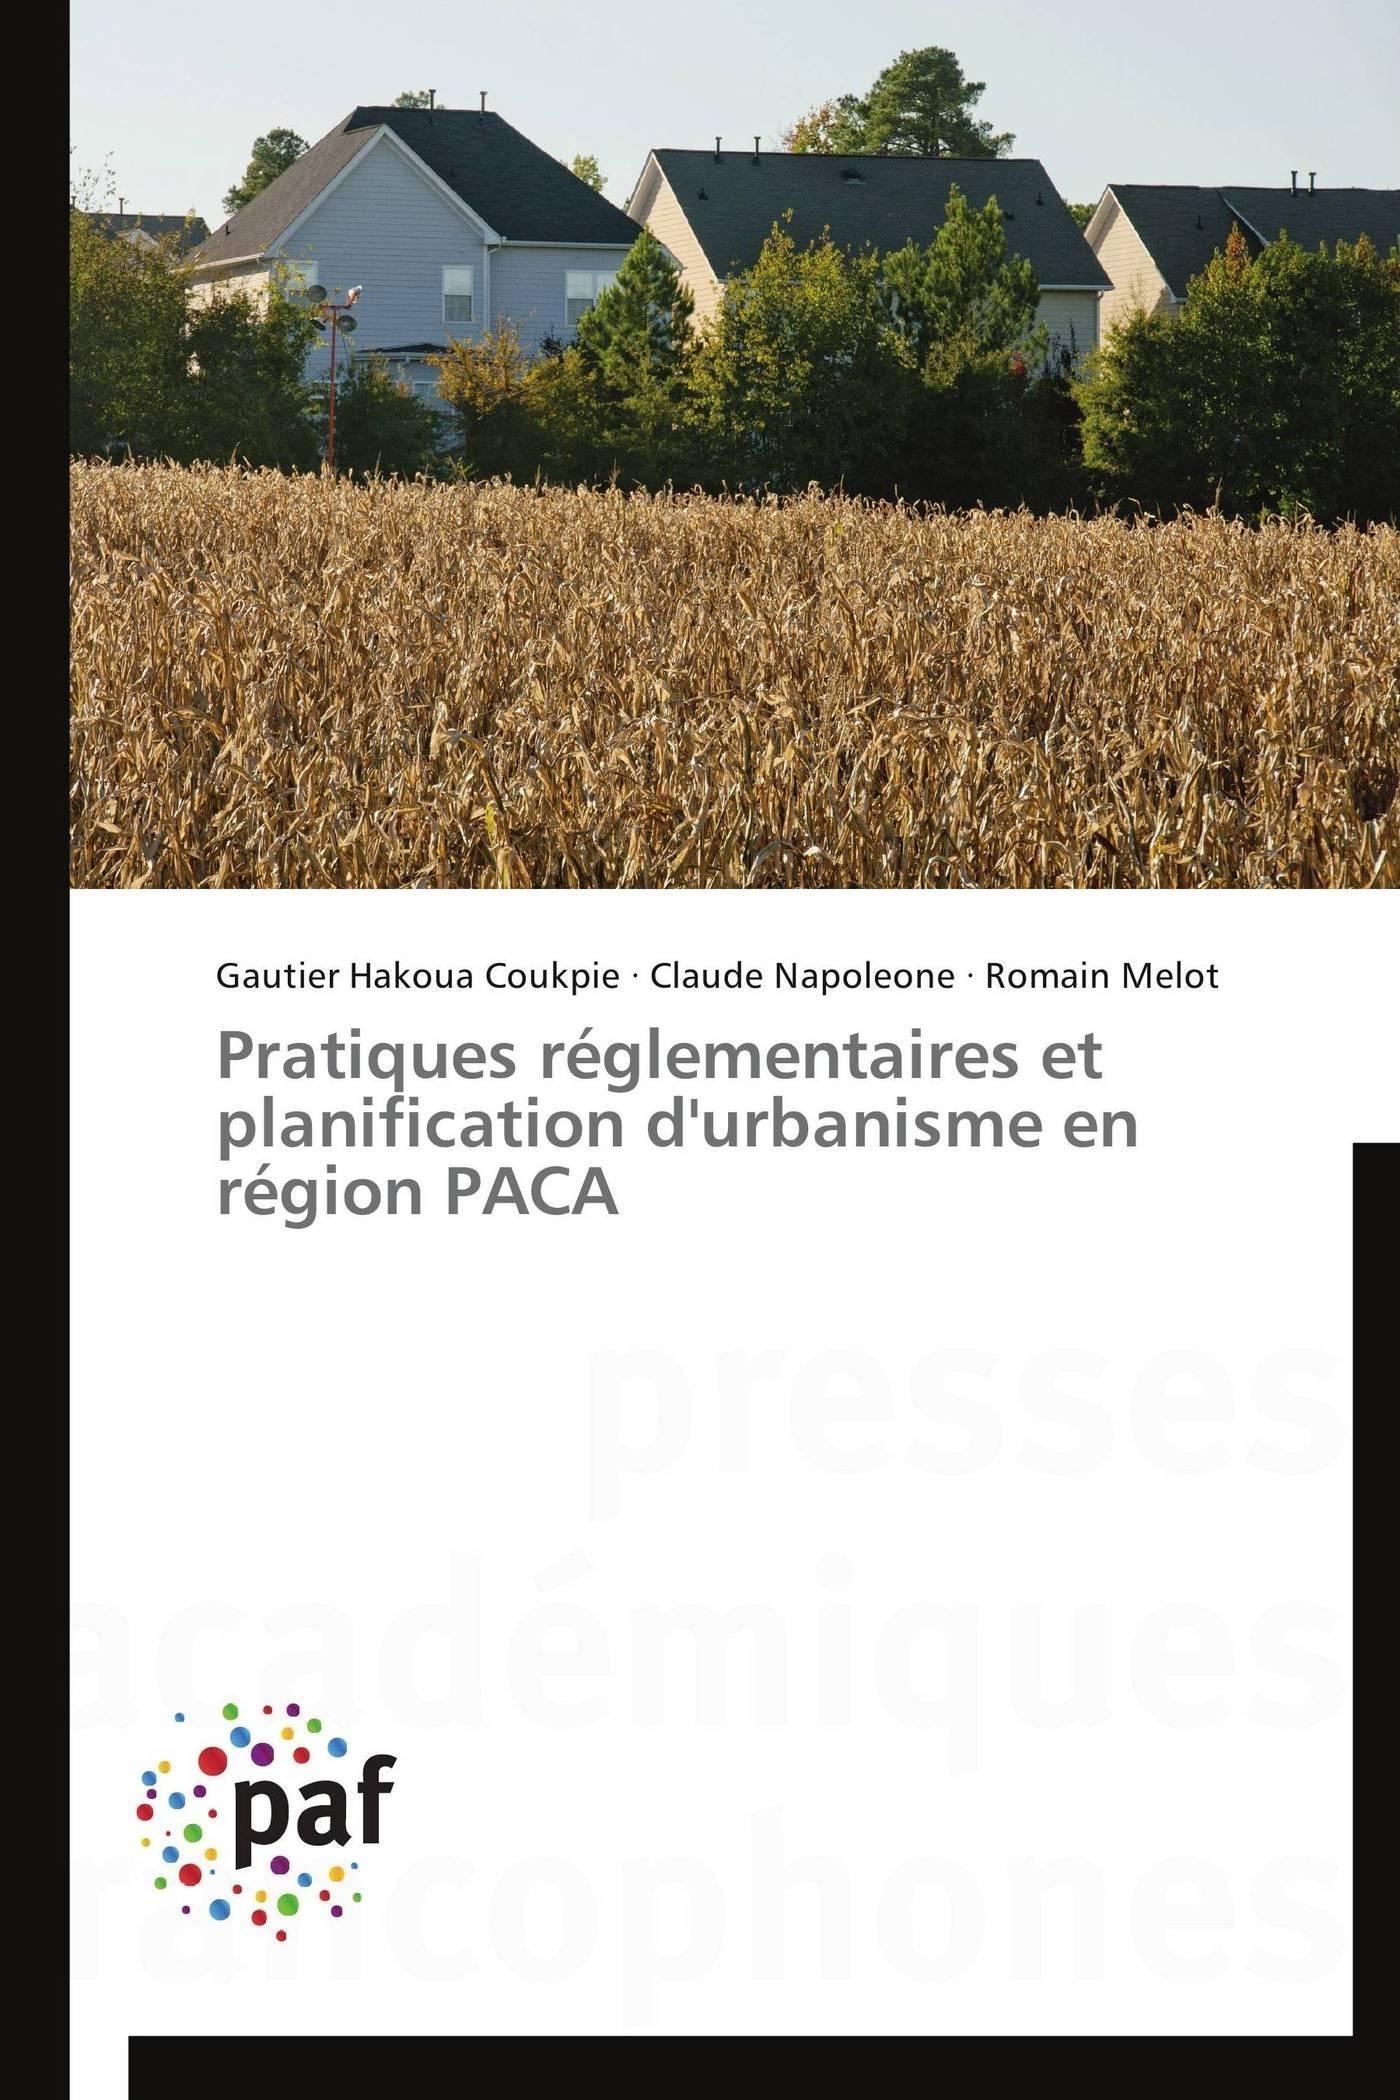 PRATIQUES REGLEMENTAIRES ET PLANIFICATION D'URBANISME EN REGION PACA